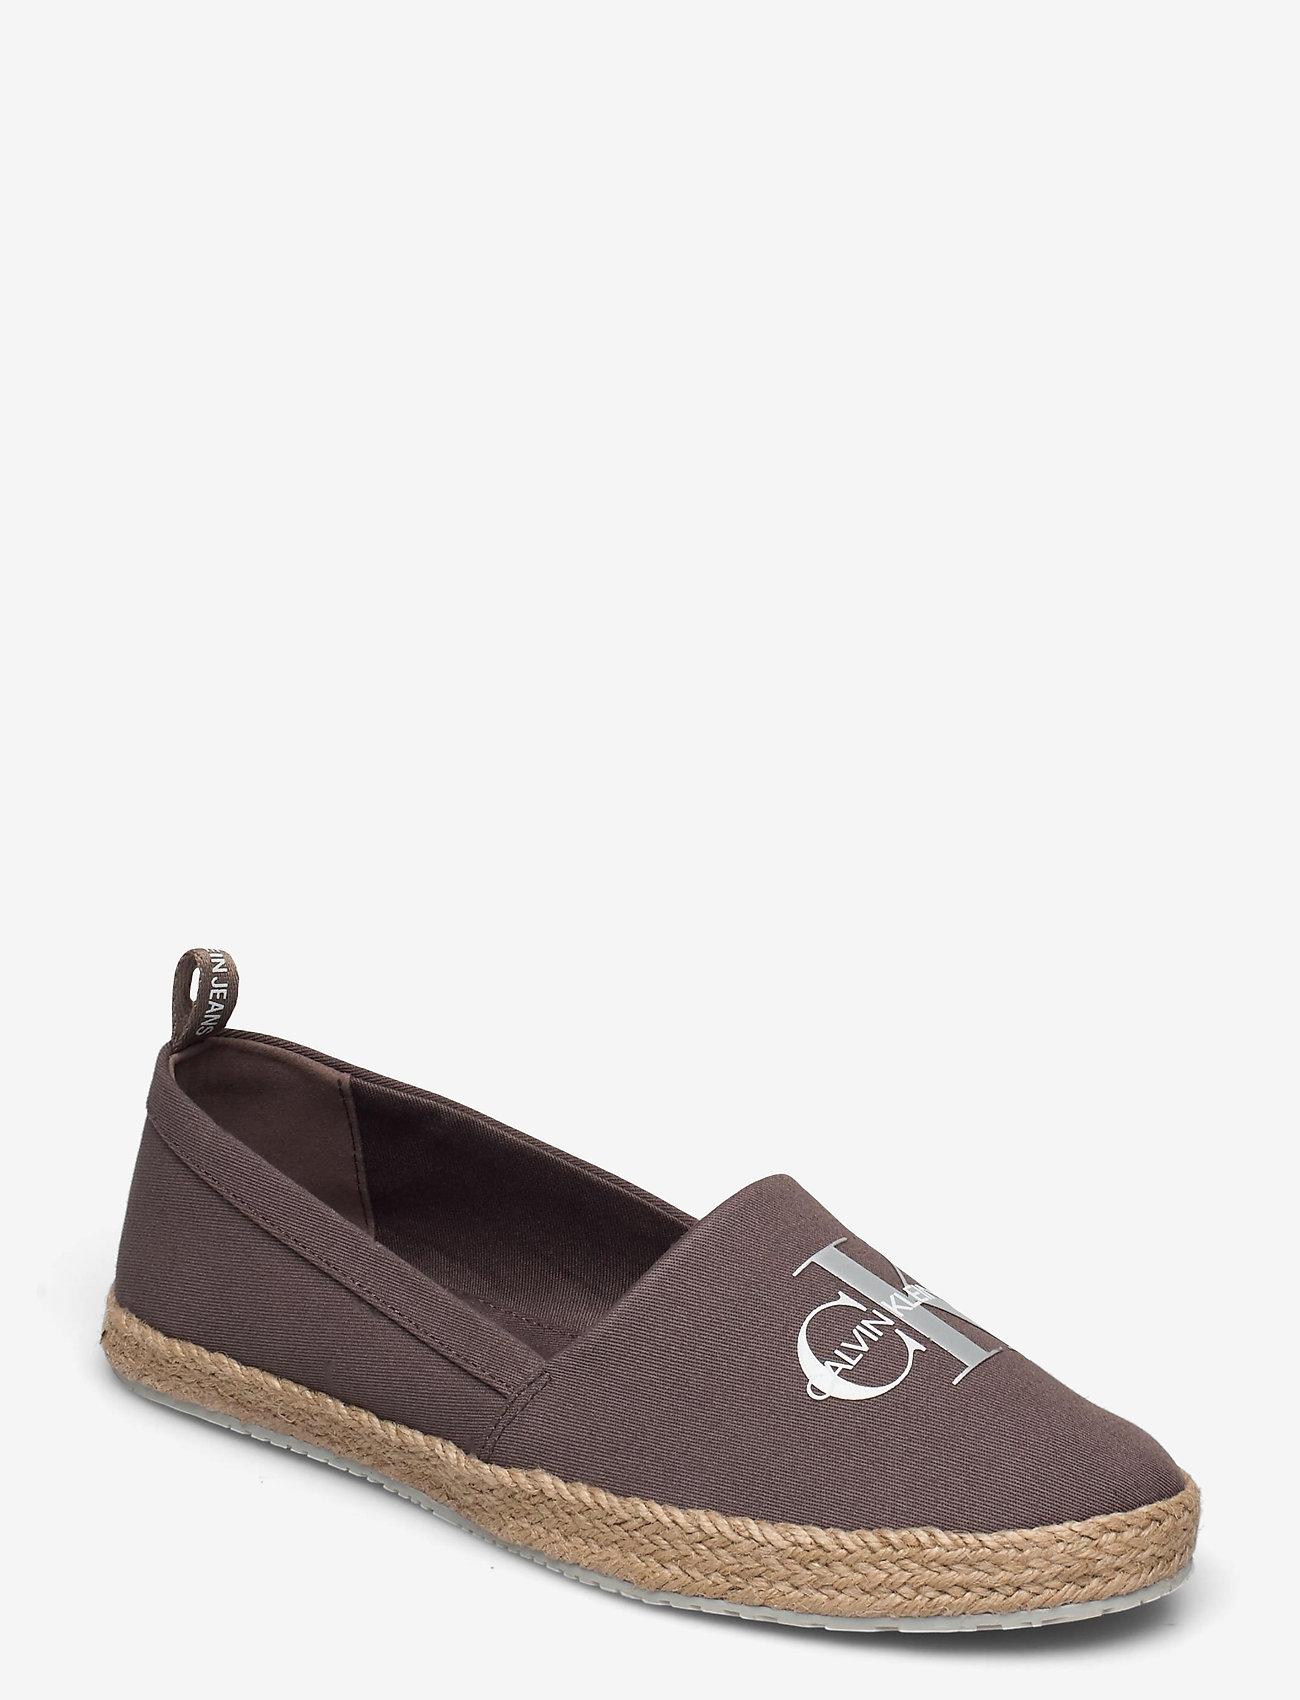 Calvin Klein - ESPADRILLE PRINTED CO - platta espadriller - dusty brown - 0